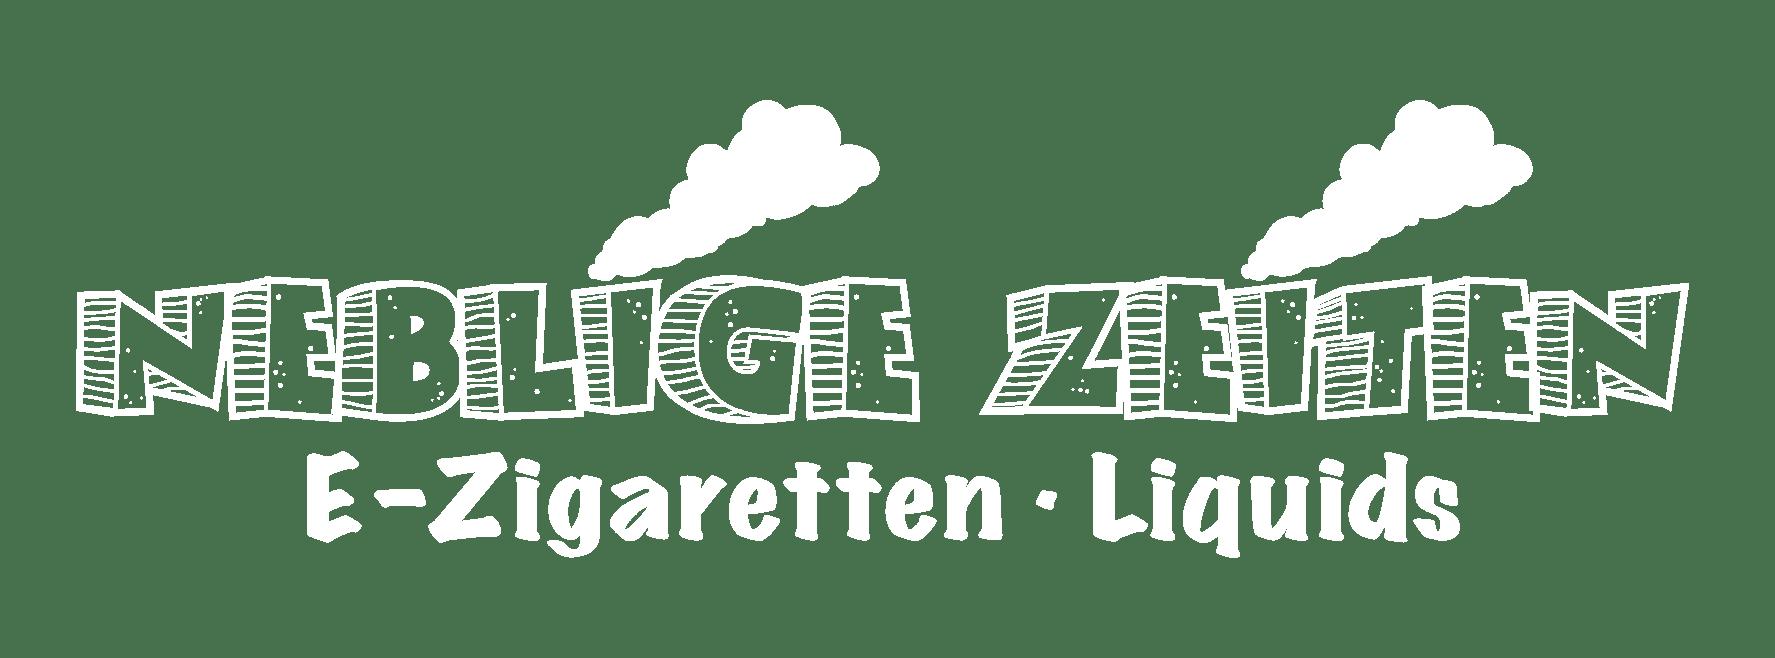 Neblige Zeiten - E-Zigaretten - Liquids - Logo